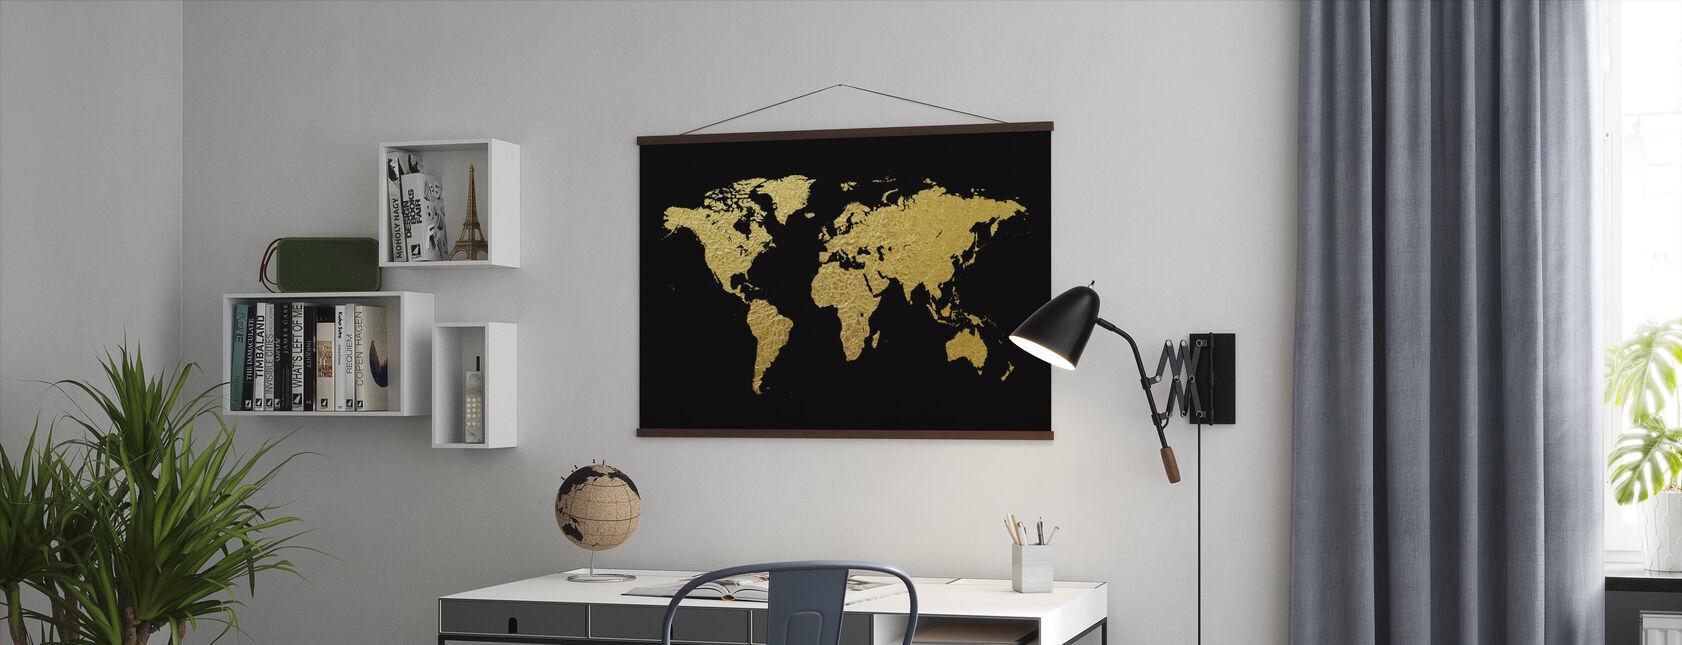 Kultainen maailmankartta mustalla taustalla - Juliste - Toimisto